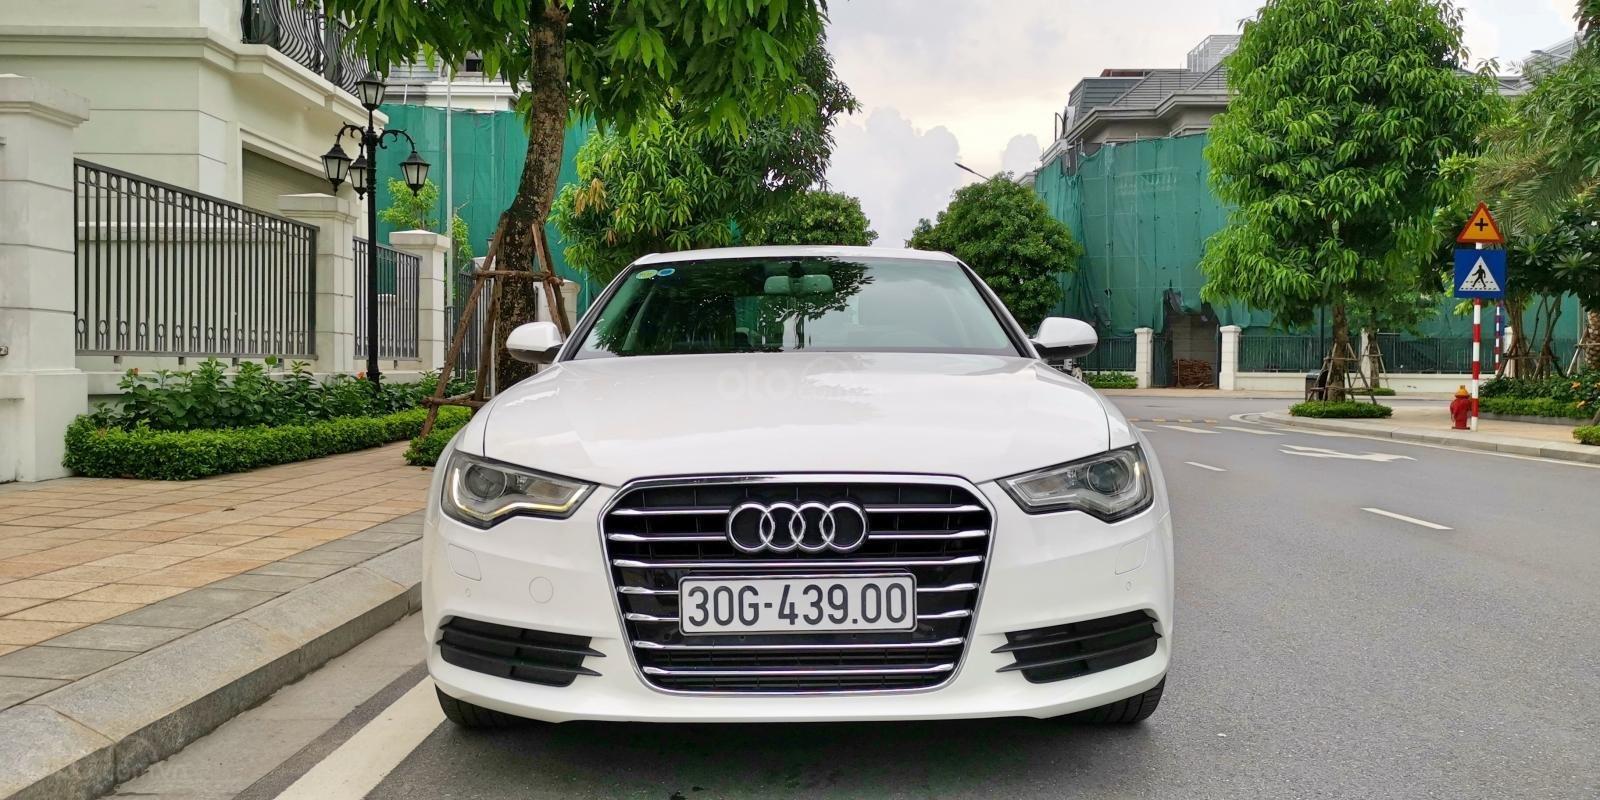 Cần bán lại xe Audi A6 đời 2013, màu trắng, nhập khẩu (2)